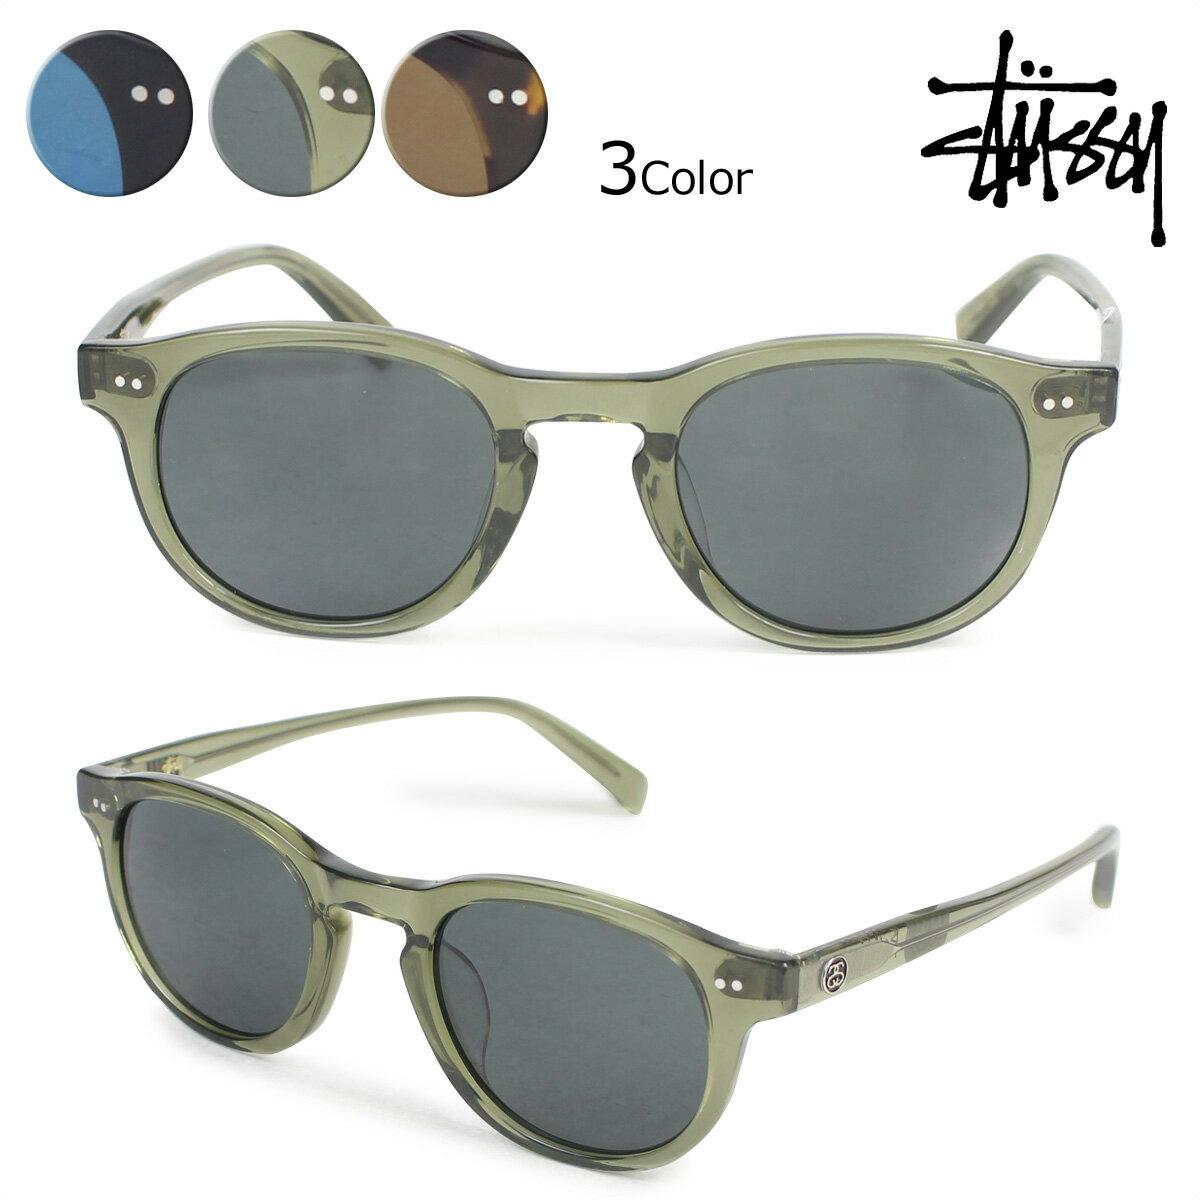 STUSSY ステューシー サングラス メンズ レディース UV カット ロメオ ROMEO EYEGEAR 140015 3カラー 【決算セール】